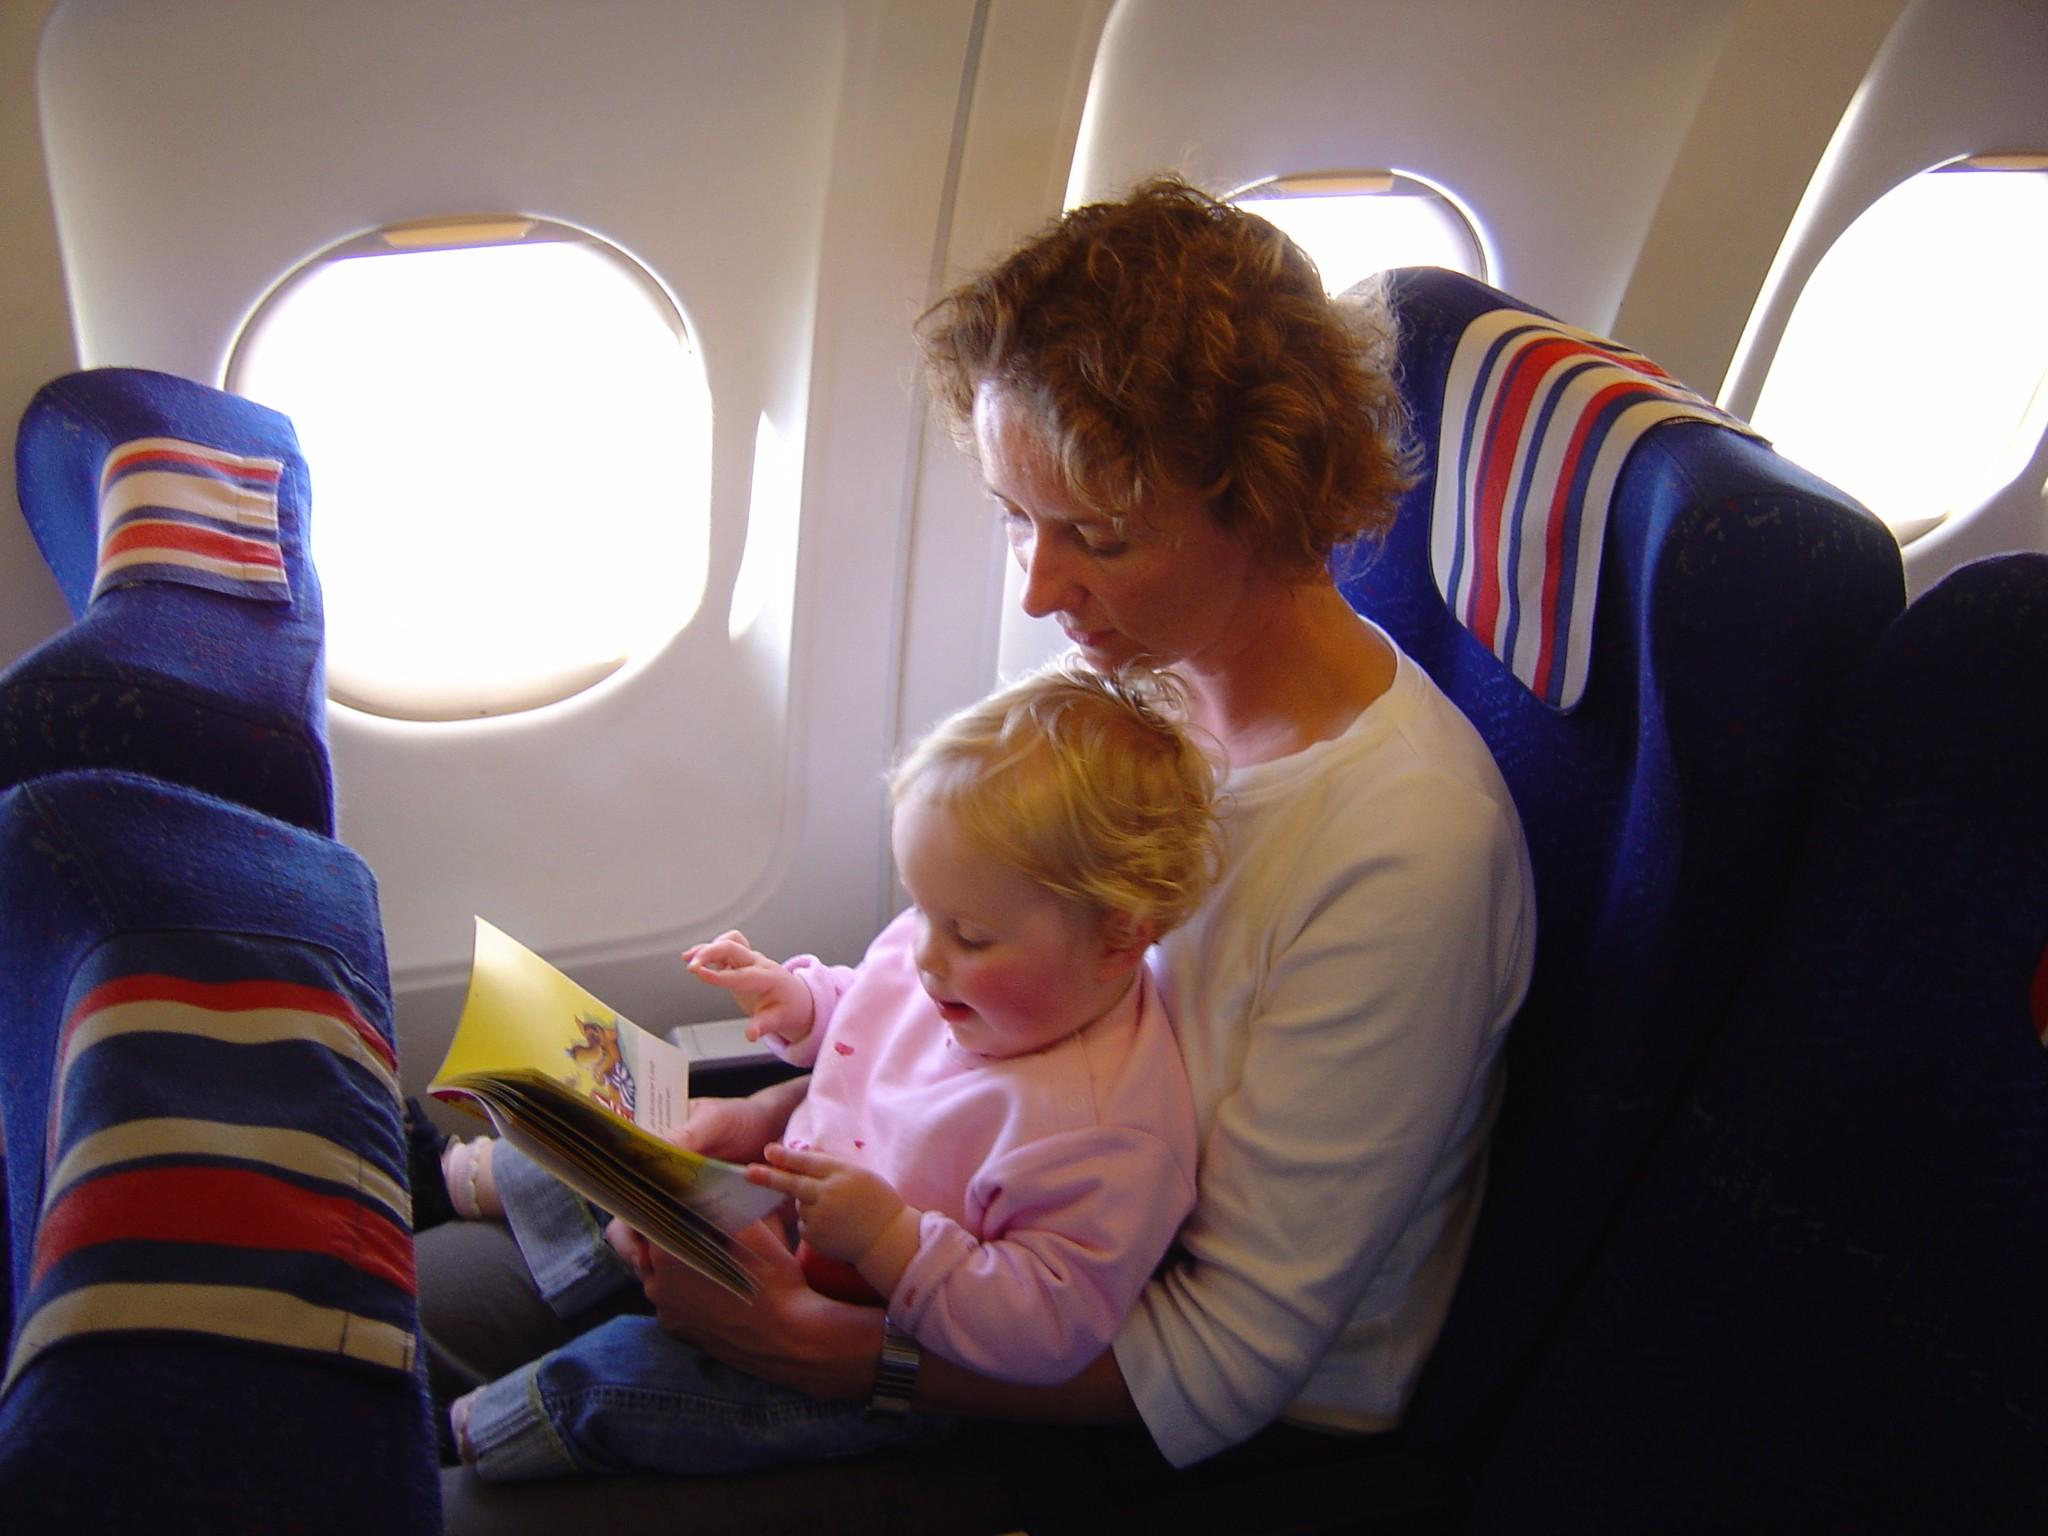 wat neem je mee in het vliegtuig